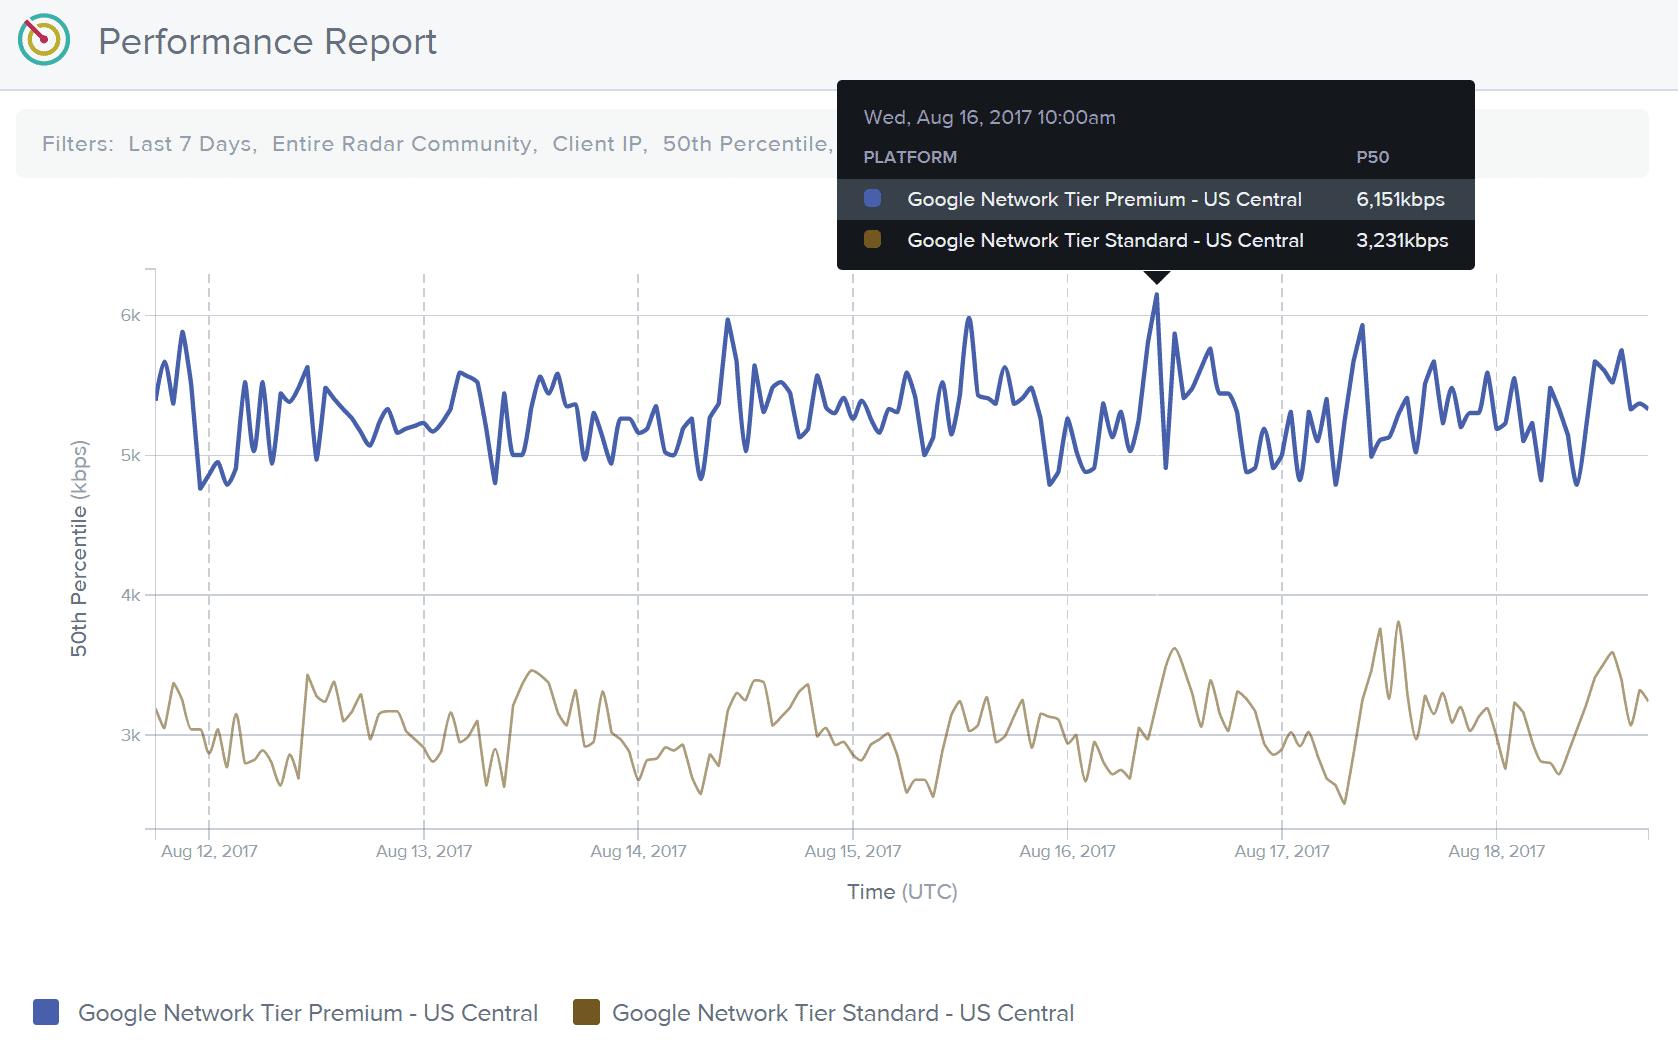 Google Cloud niveau de débit premium par rapport au niveau de débit standard